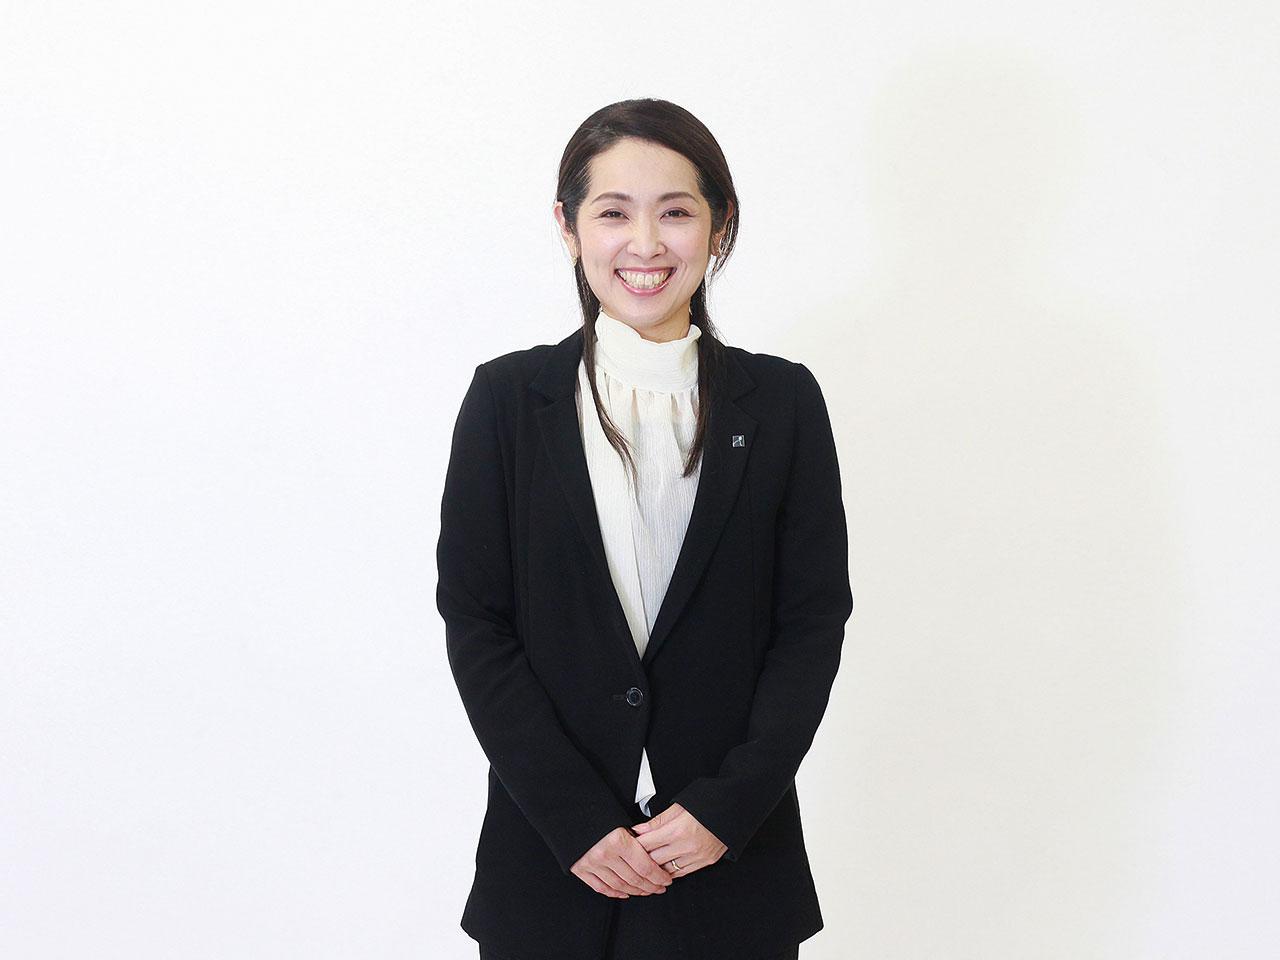 """話題の""""イイモノ""""を創る人にインタビュー   金沢プロフェッショナルFile"""